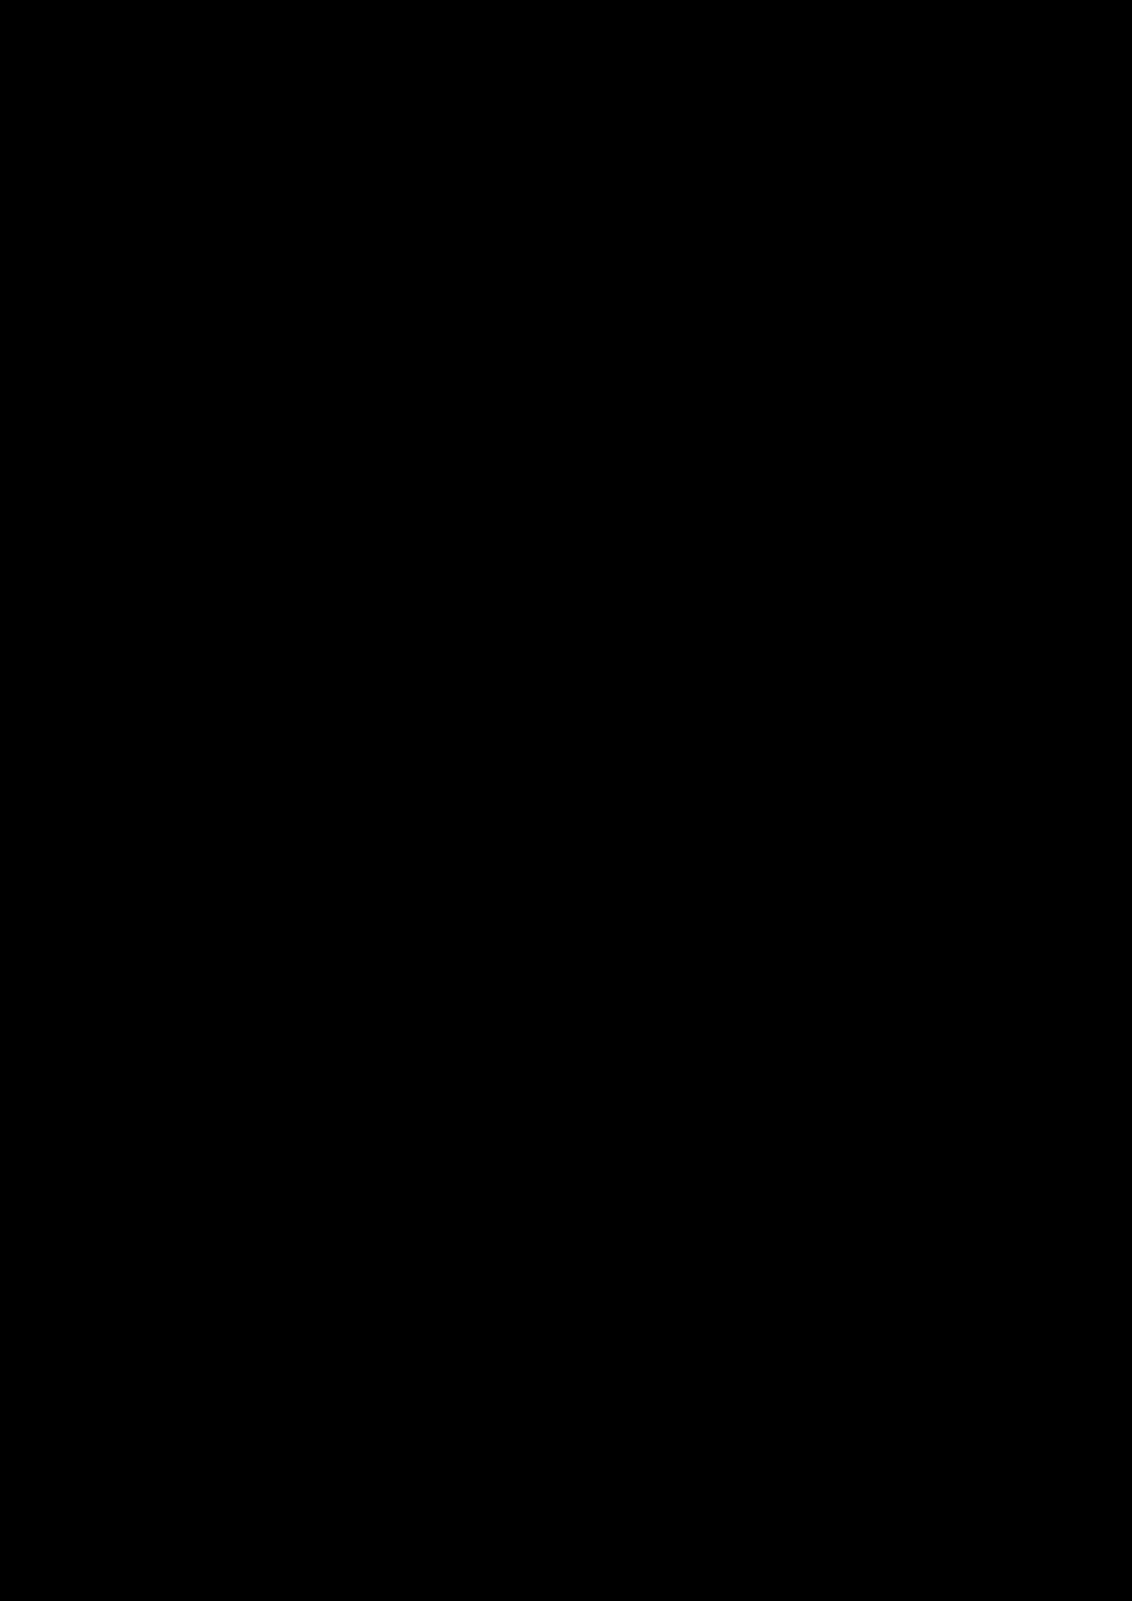 Vyibor Est slide, Image 6